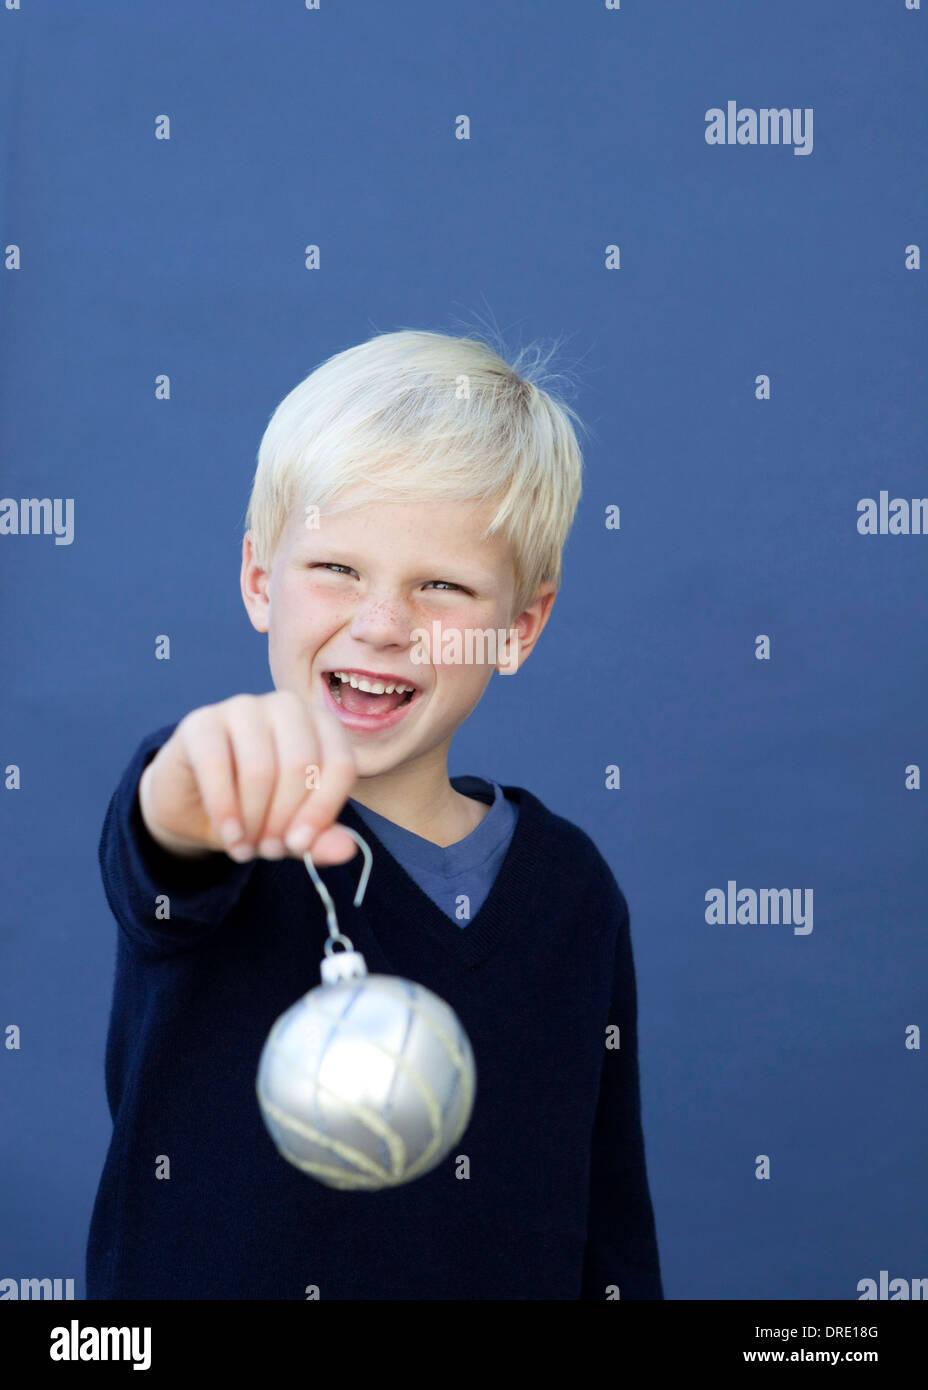 Ritratto di giovane ragazzo tenendo premuto fino ornamento Immagini Stock